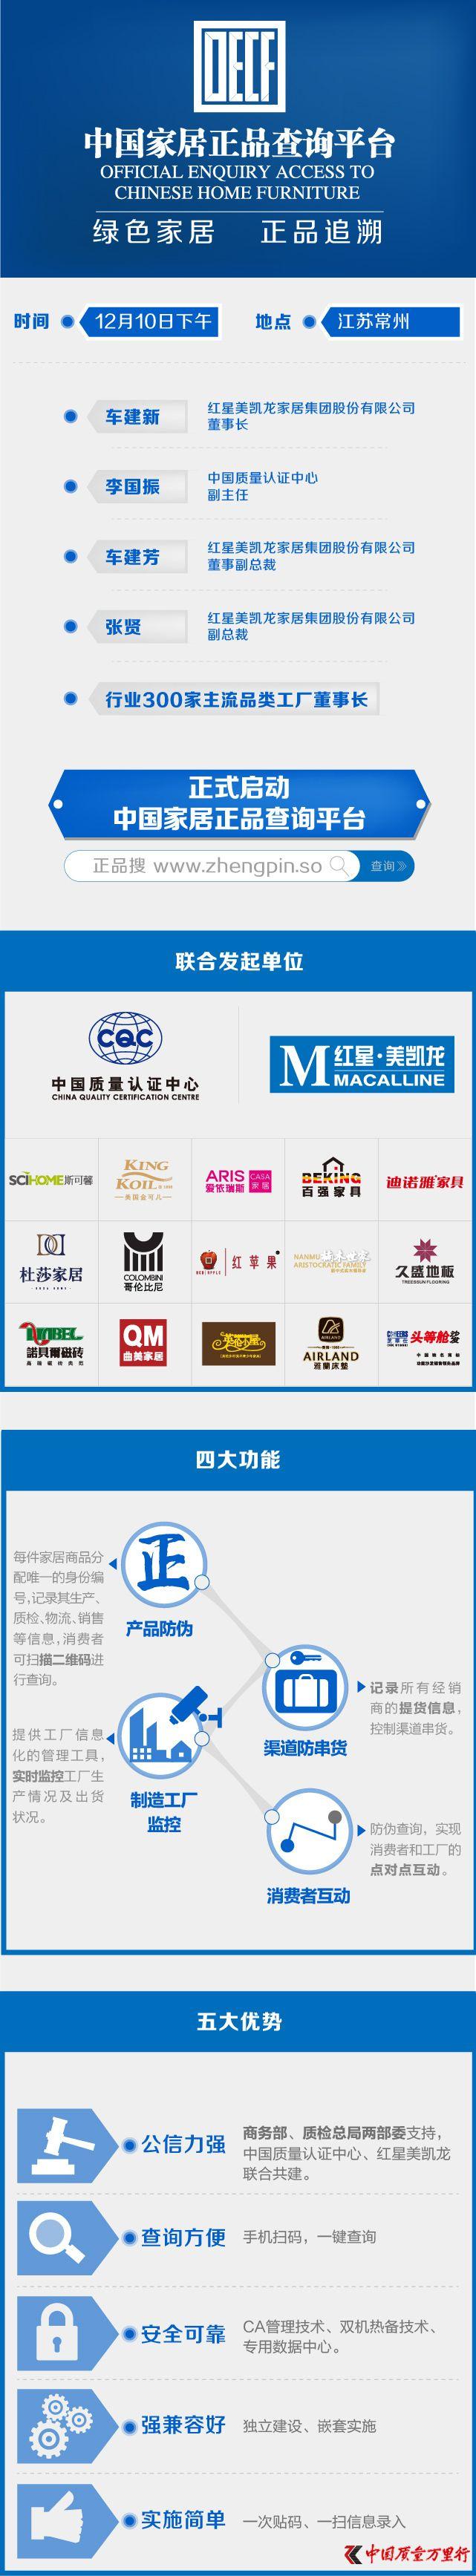 """中国质量认证中心与红星美凯龙联合发布""""中国家居正品查询平台"""""""